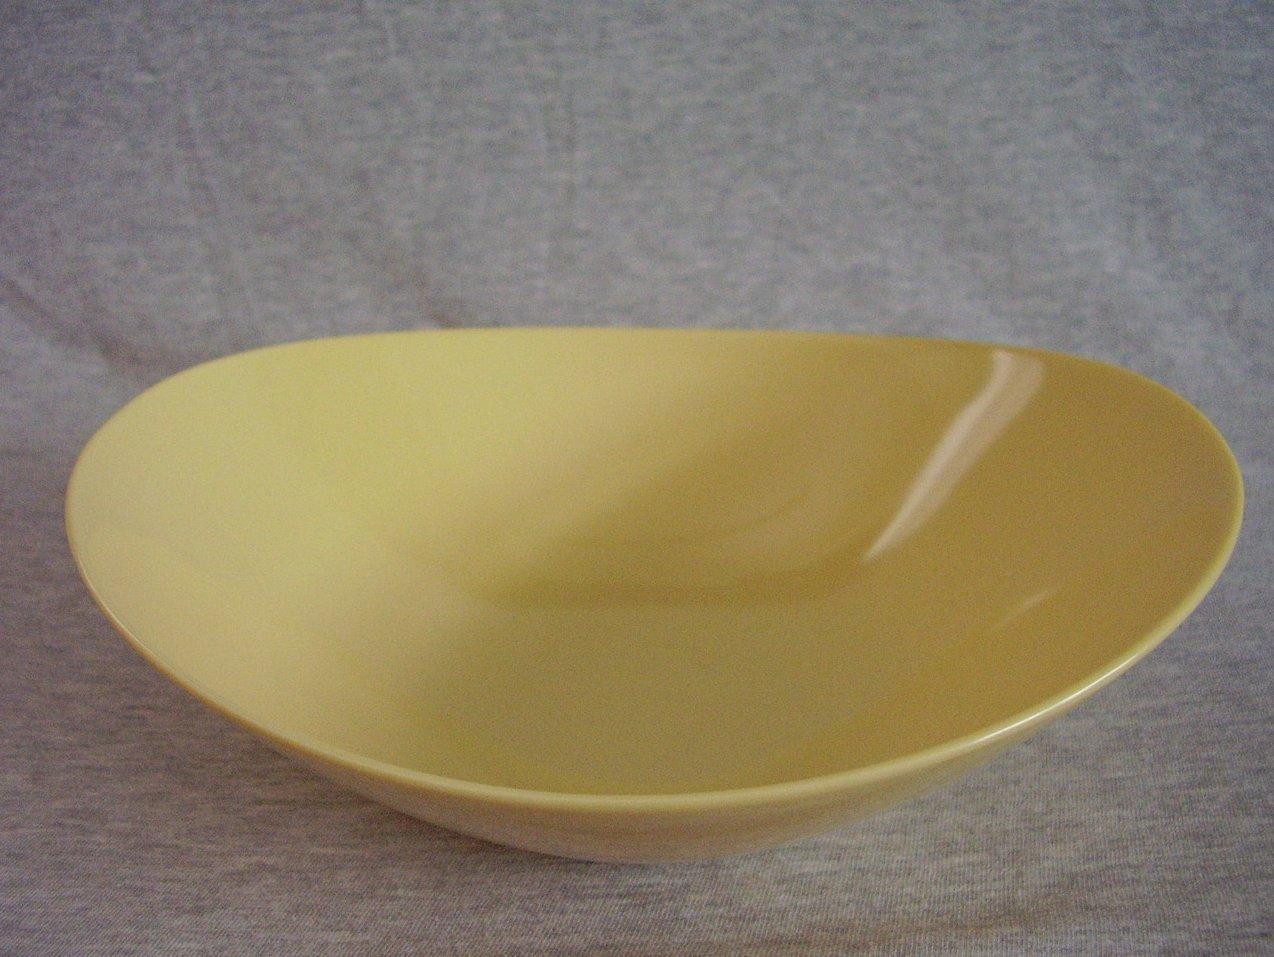 Fostoria Melamine Large Plastic Melmac Serving Dish Bowl